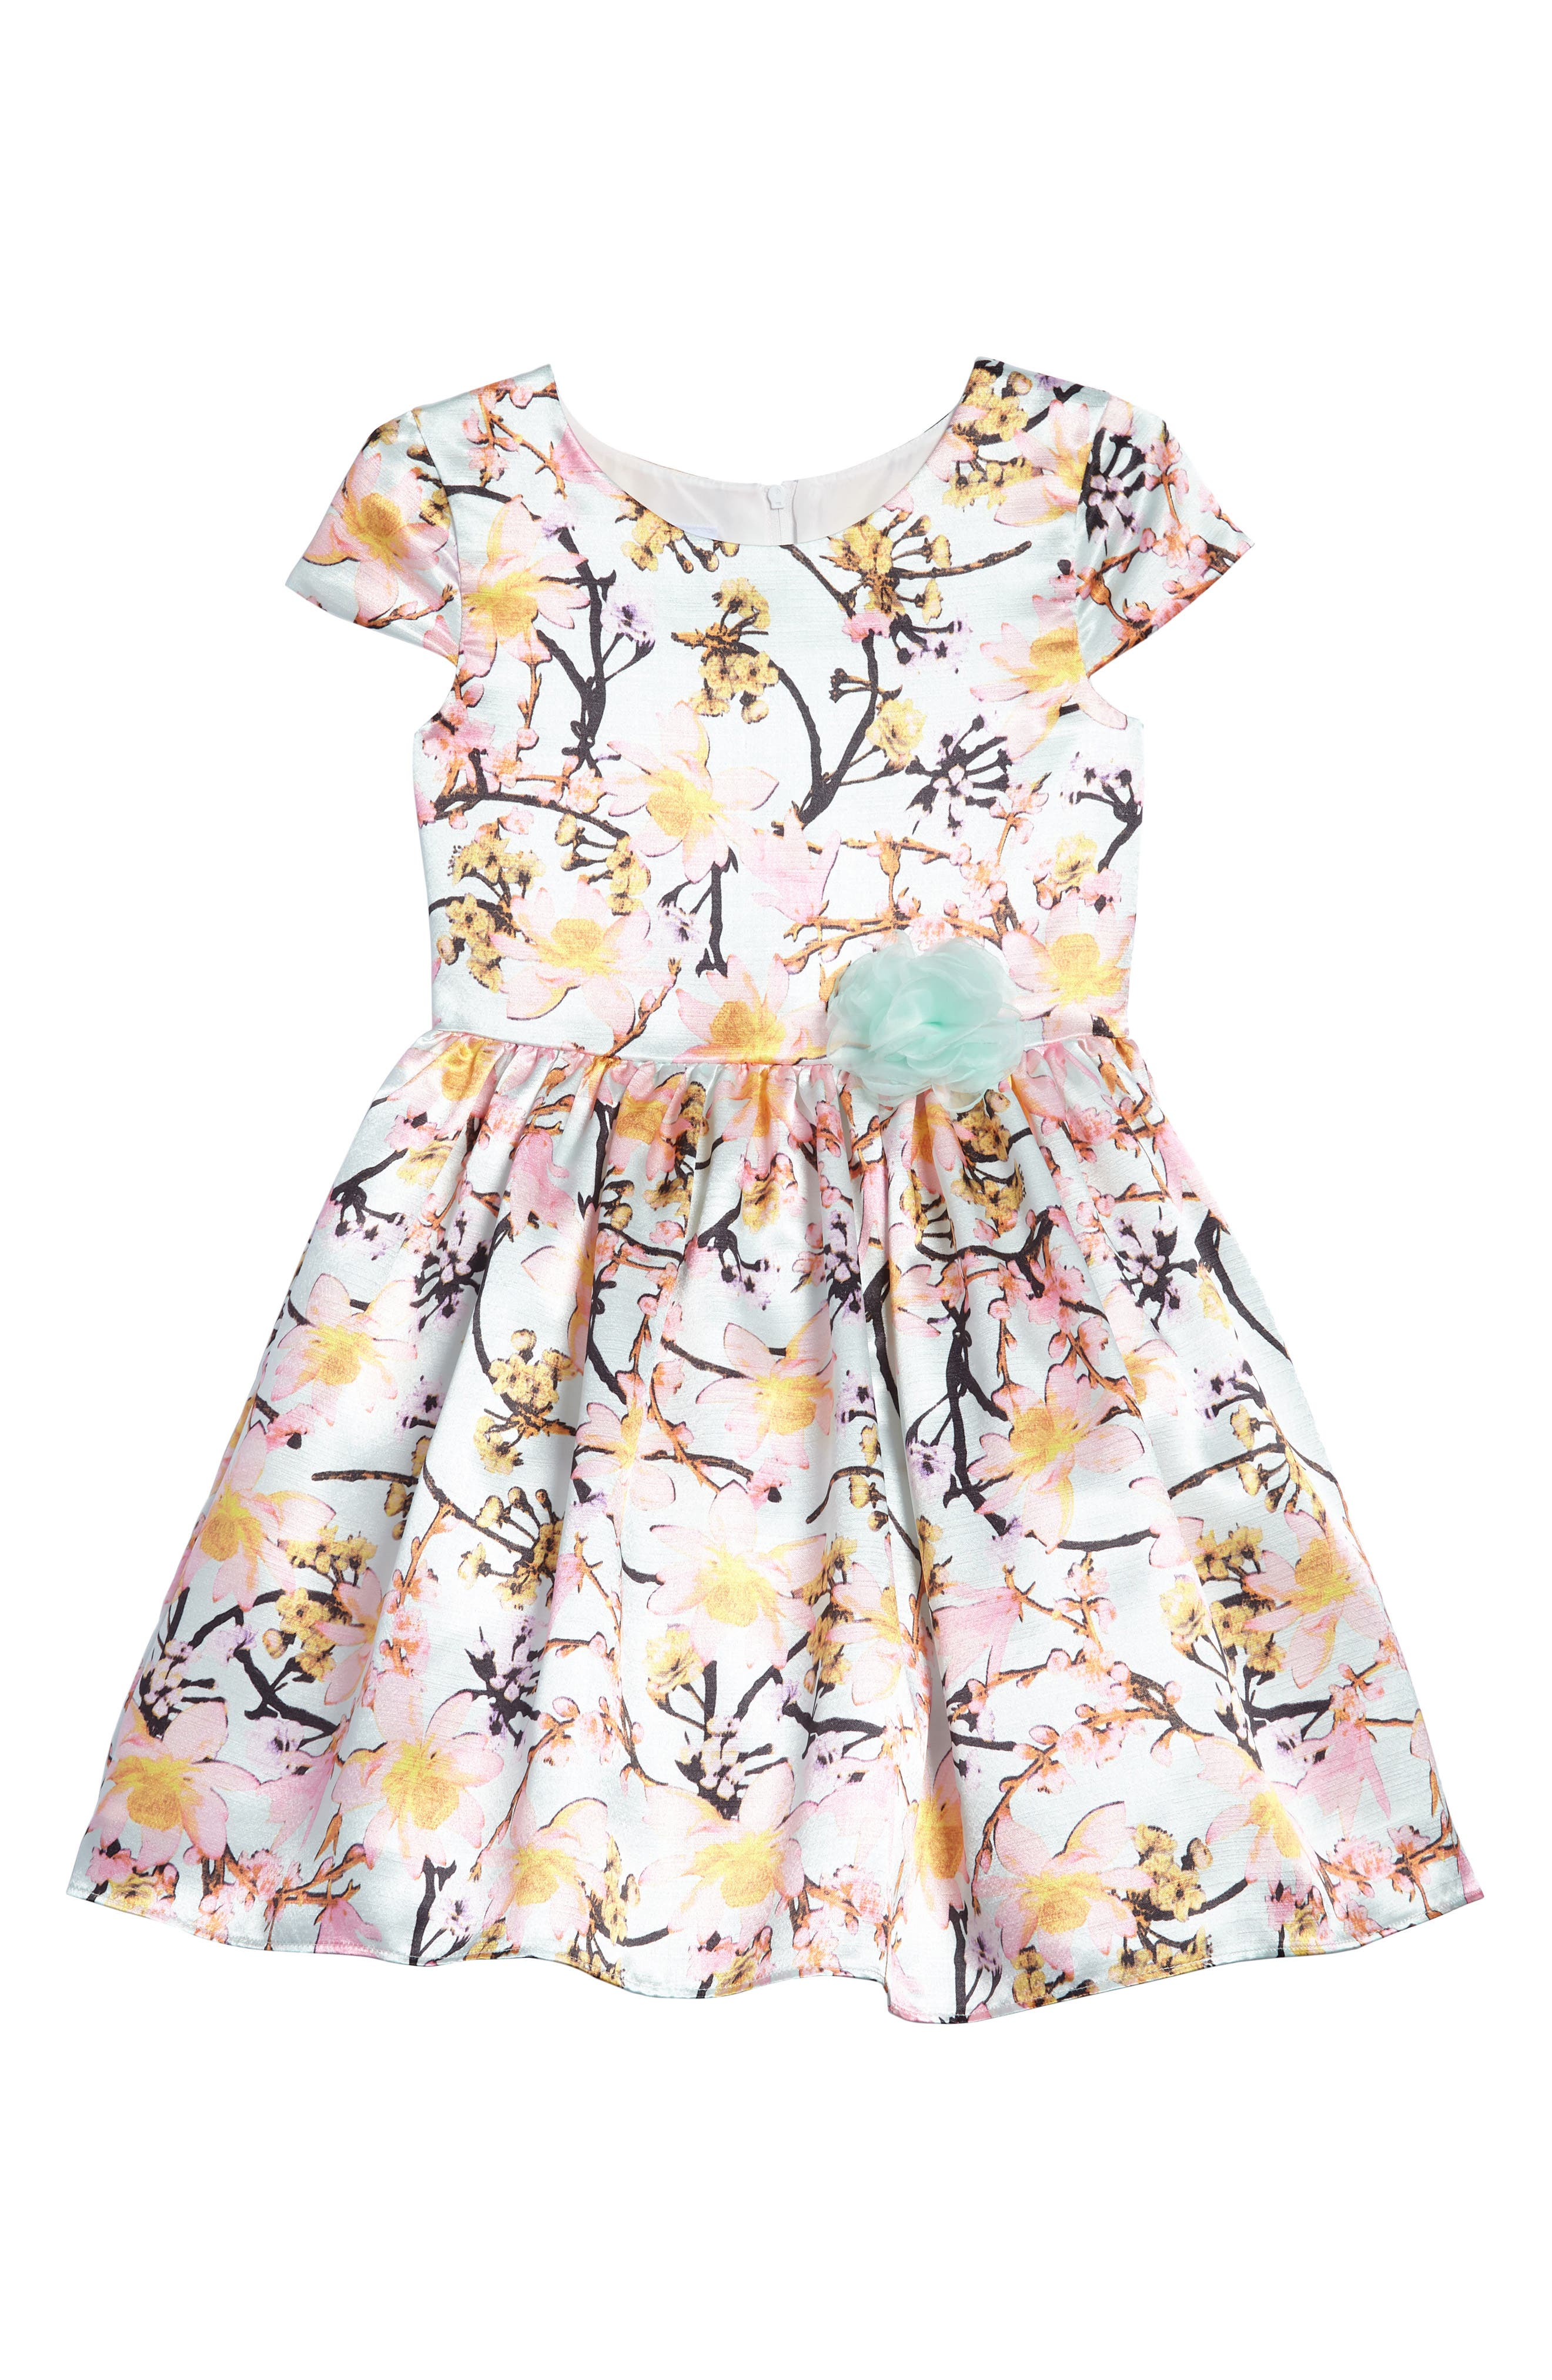 Main Image - Frais Floral Garden Party Dress (Toddler Girls, Little Girls & Big Girls)